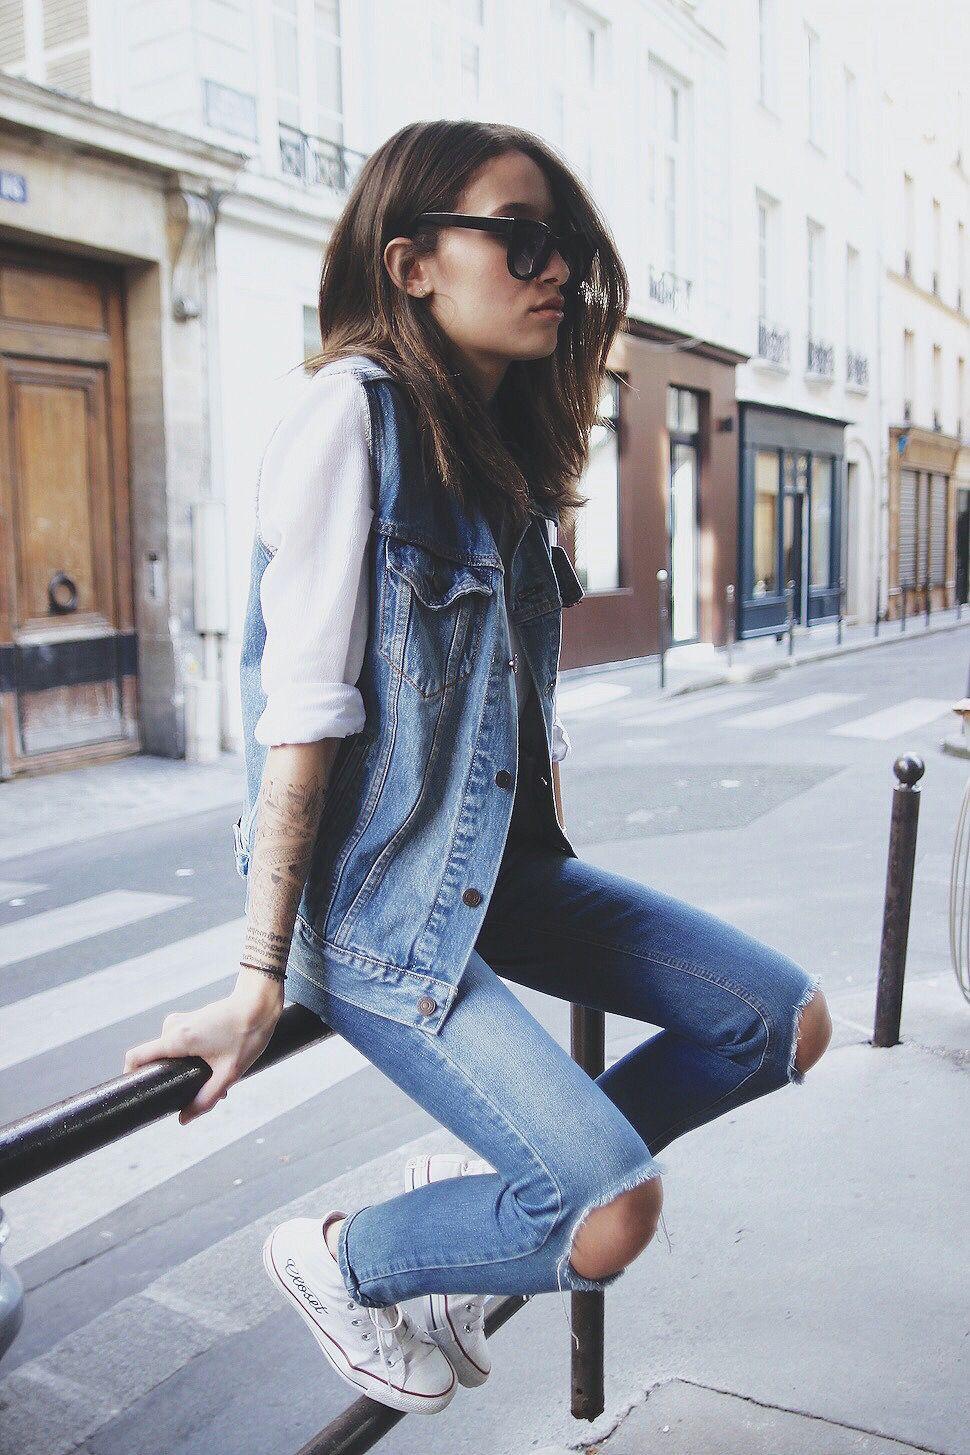 3d022e5312abb Alex s Closet - Blog mode et voyage - Paris   Montréal  JEANS ON JEANS